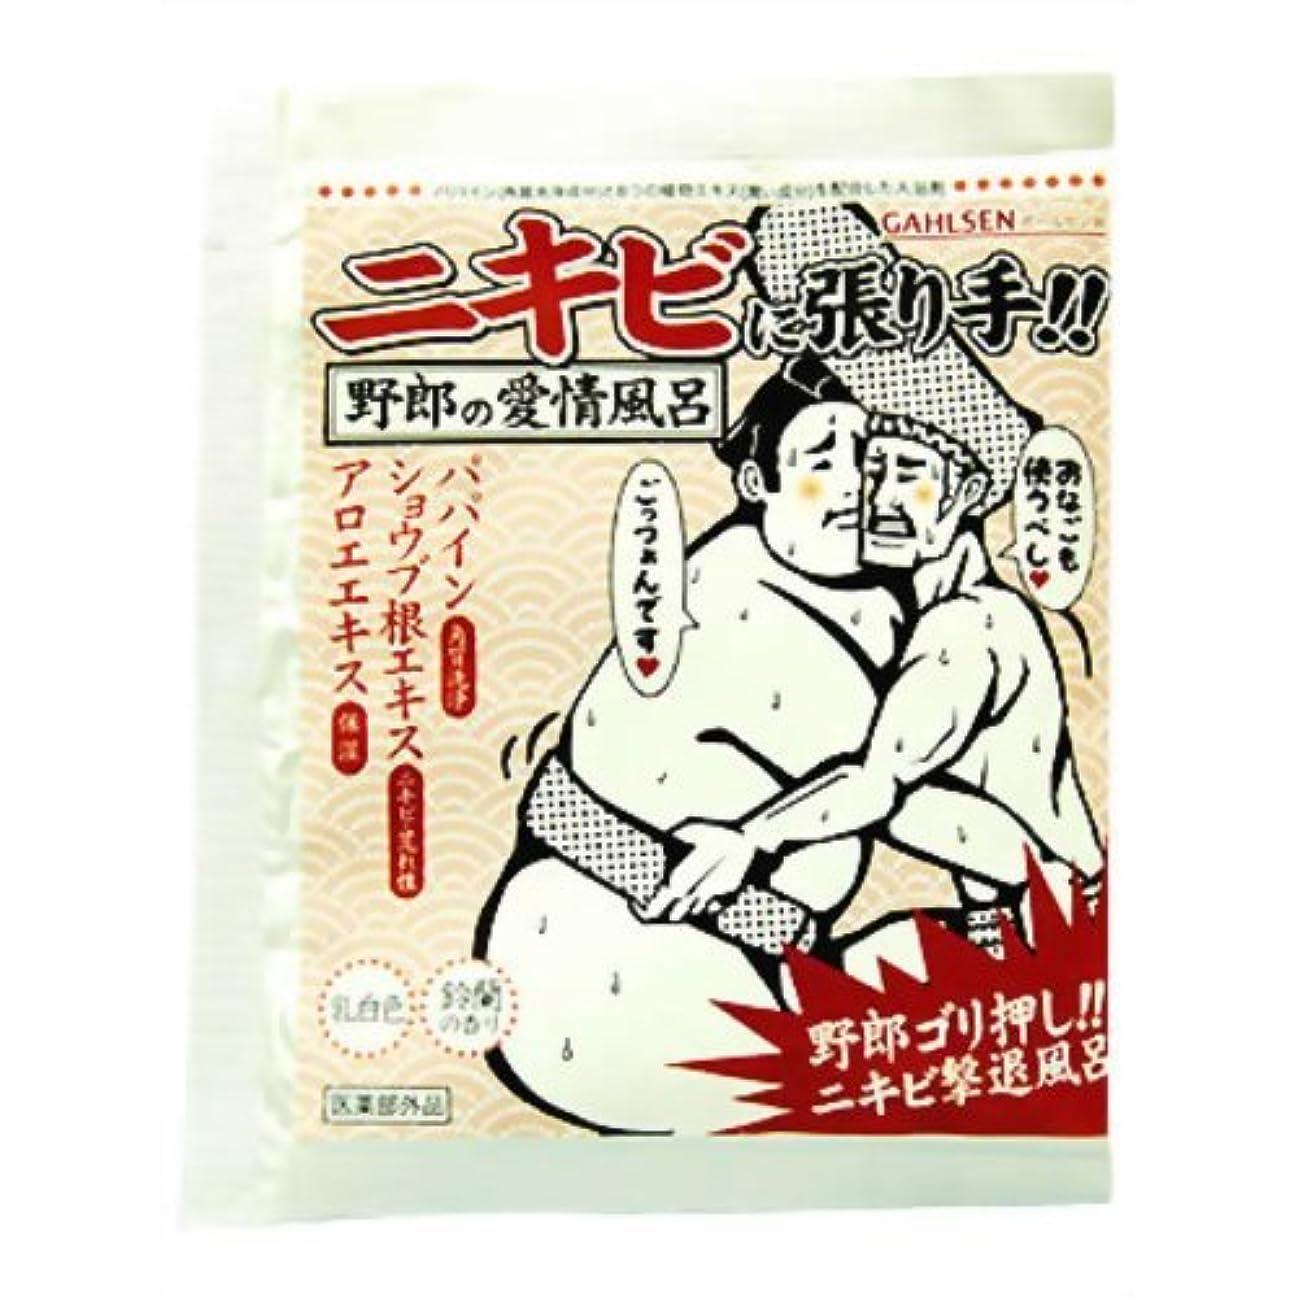 アシュリータファーマン傀儡故障中ガールセンW 25g*10袋(入浴剤)